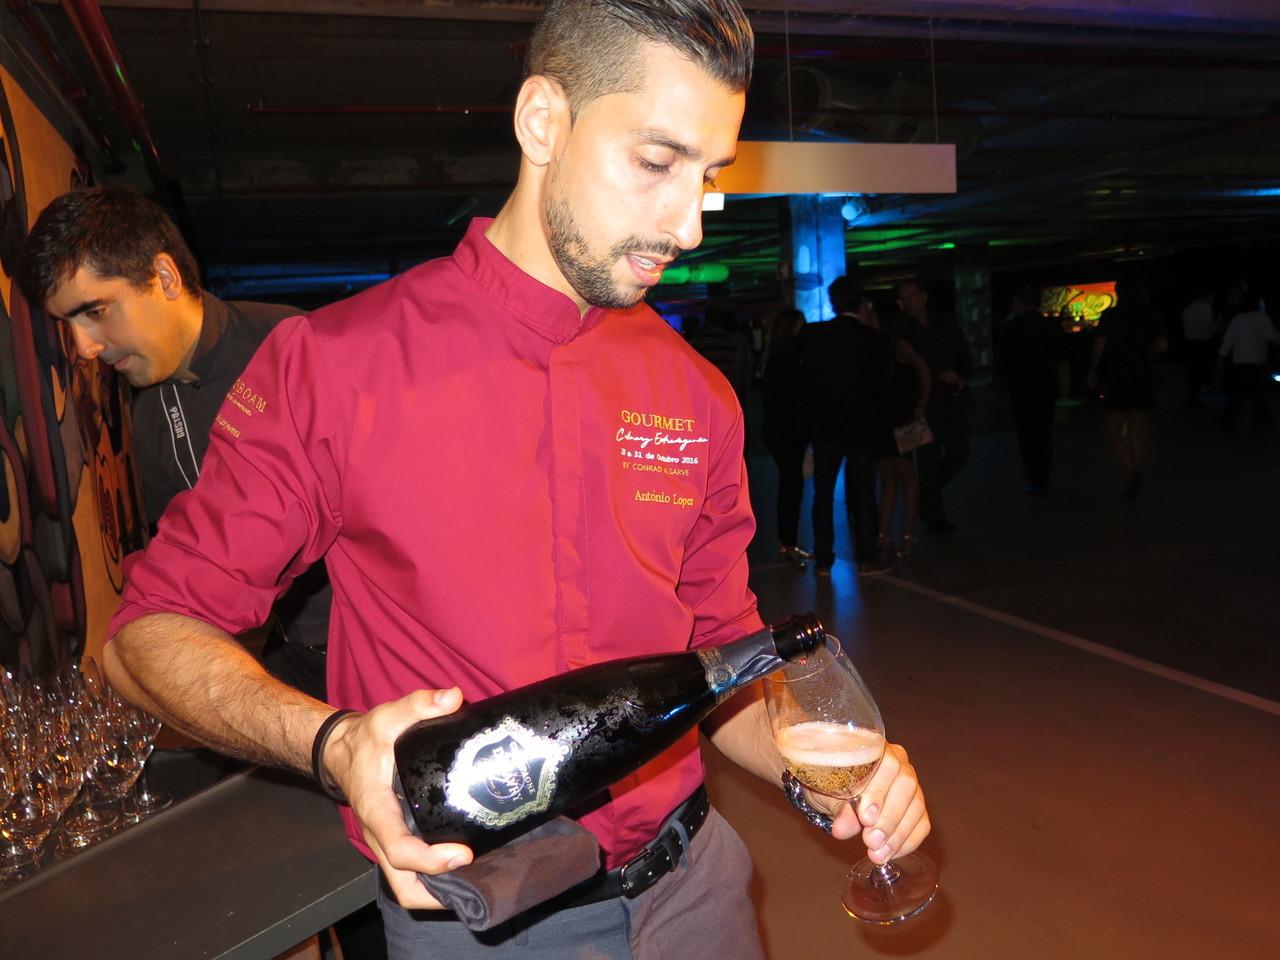 António Lopes e as boas-vindas dadas com Champagne